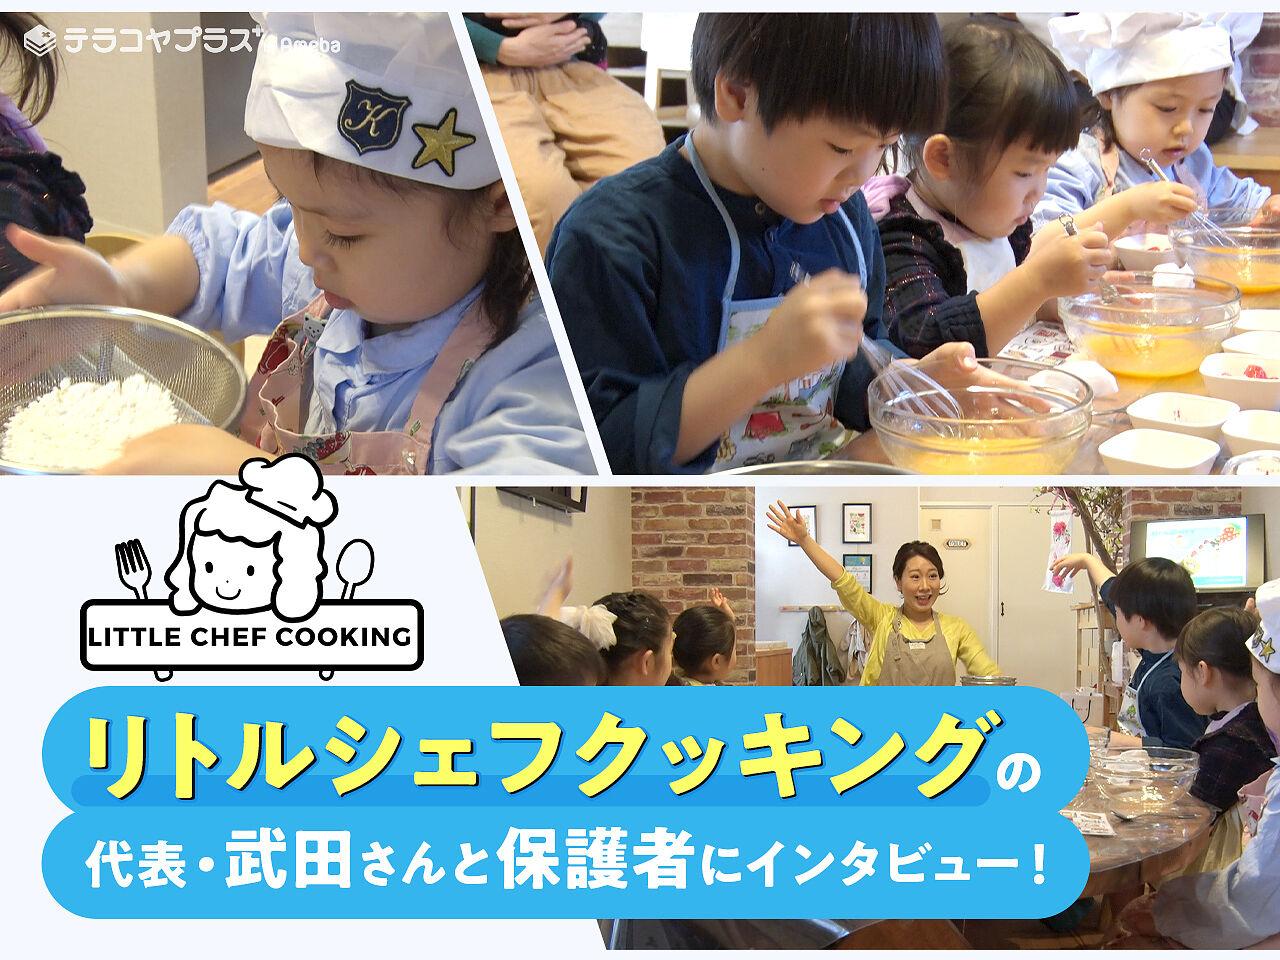 料理を通じて子どもの才能を開花させる「リトルシェフクッキング」に潜入取材!の画像